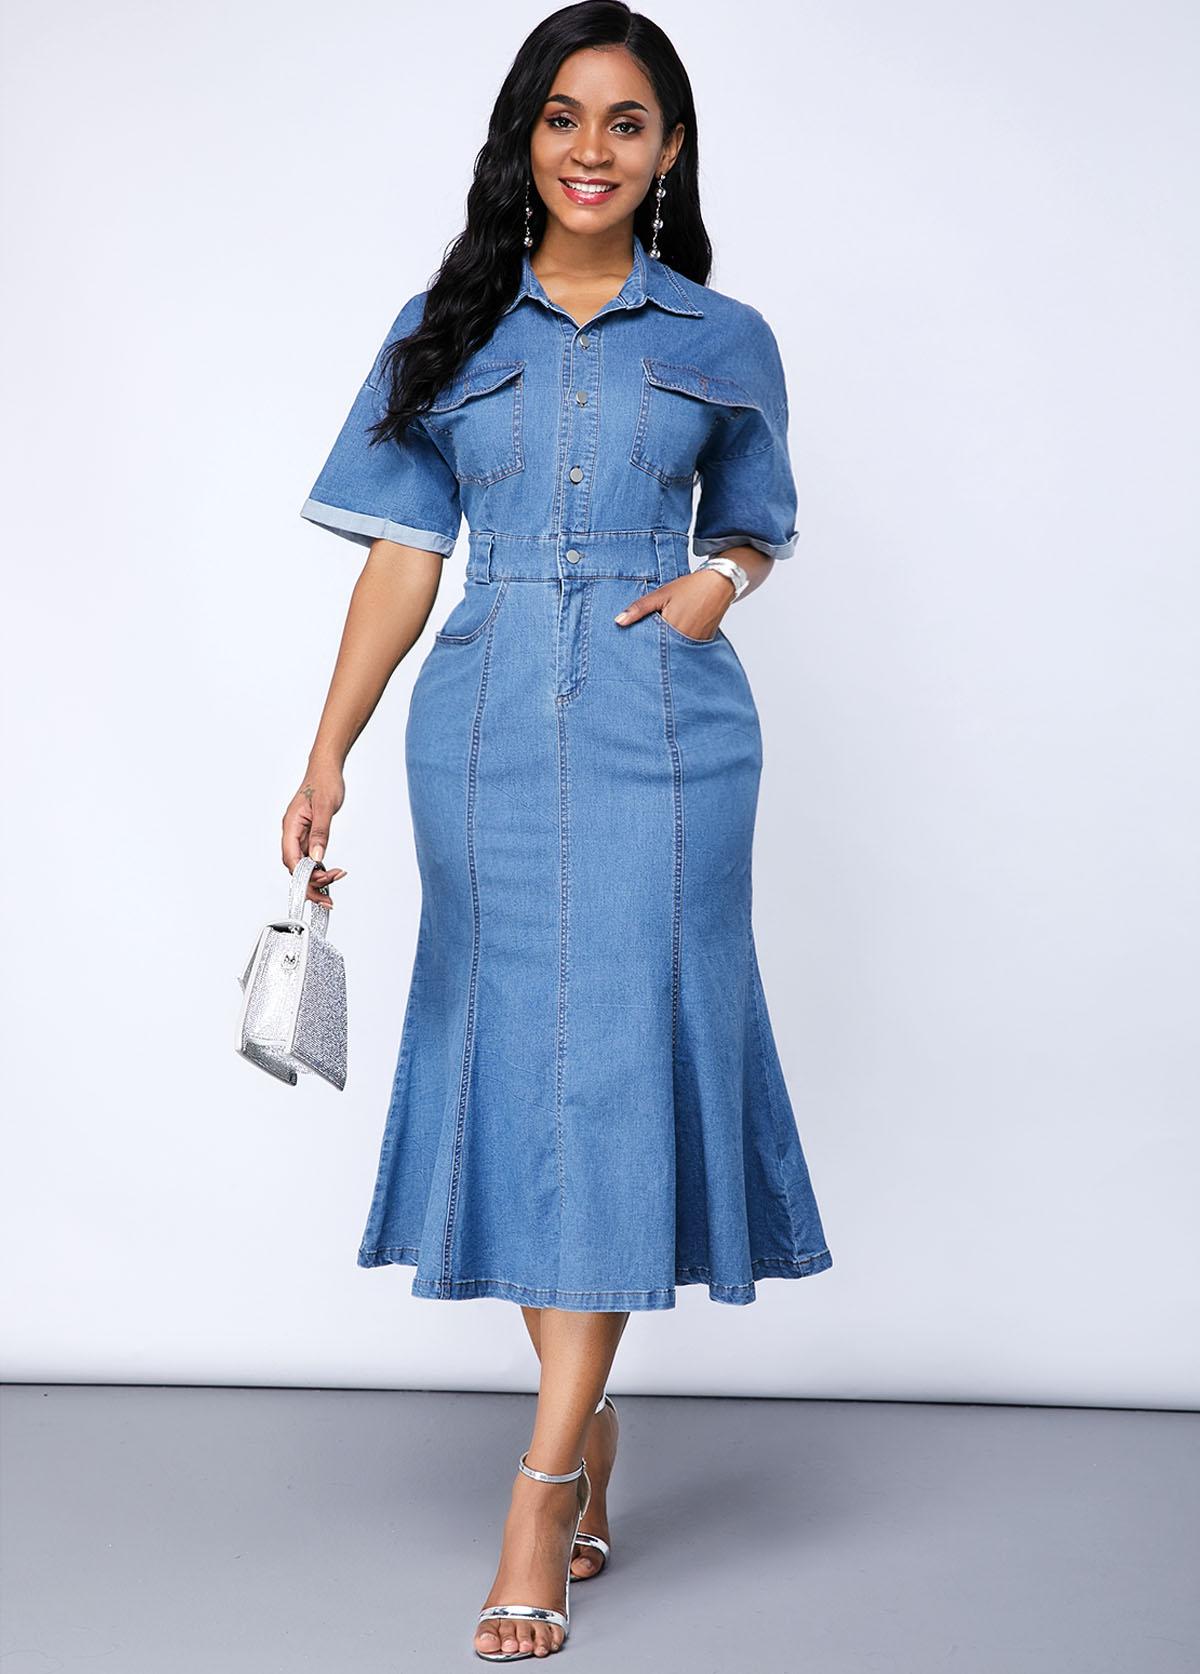 Cutout Back Button Up Pocket Denim Dress